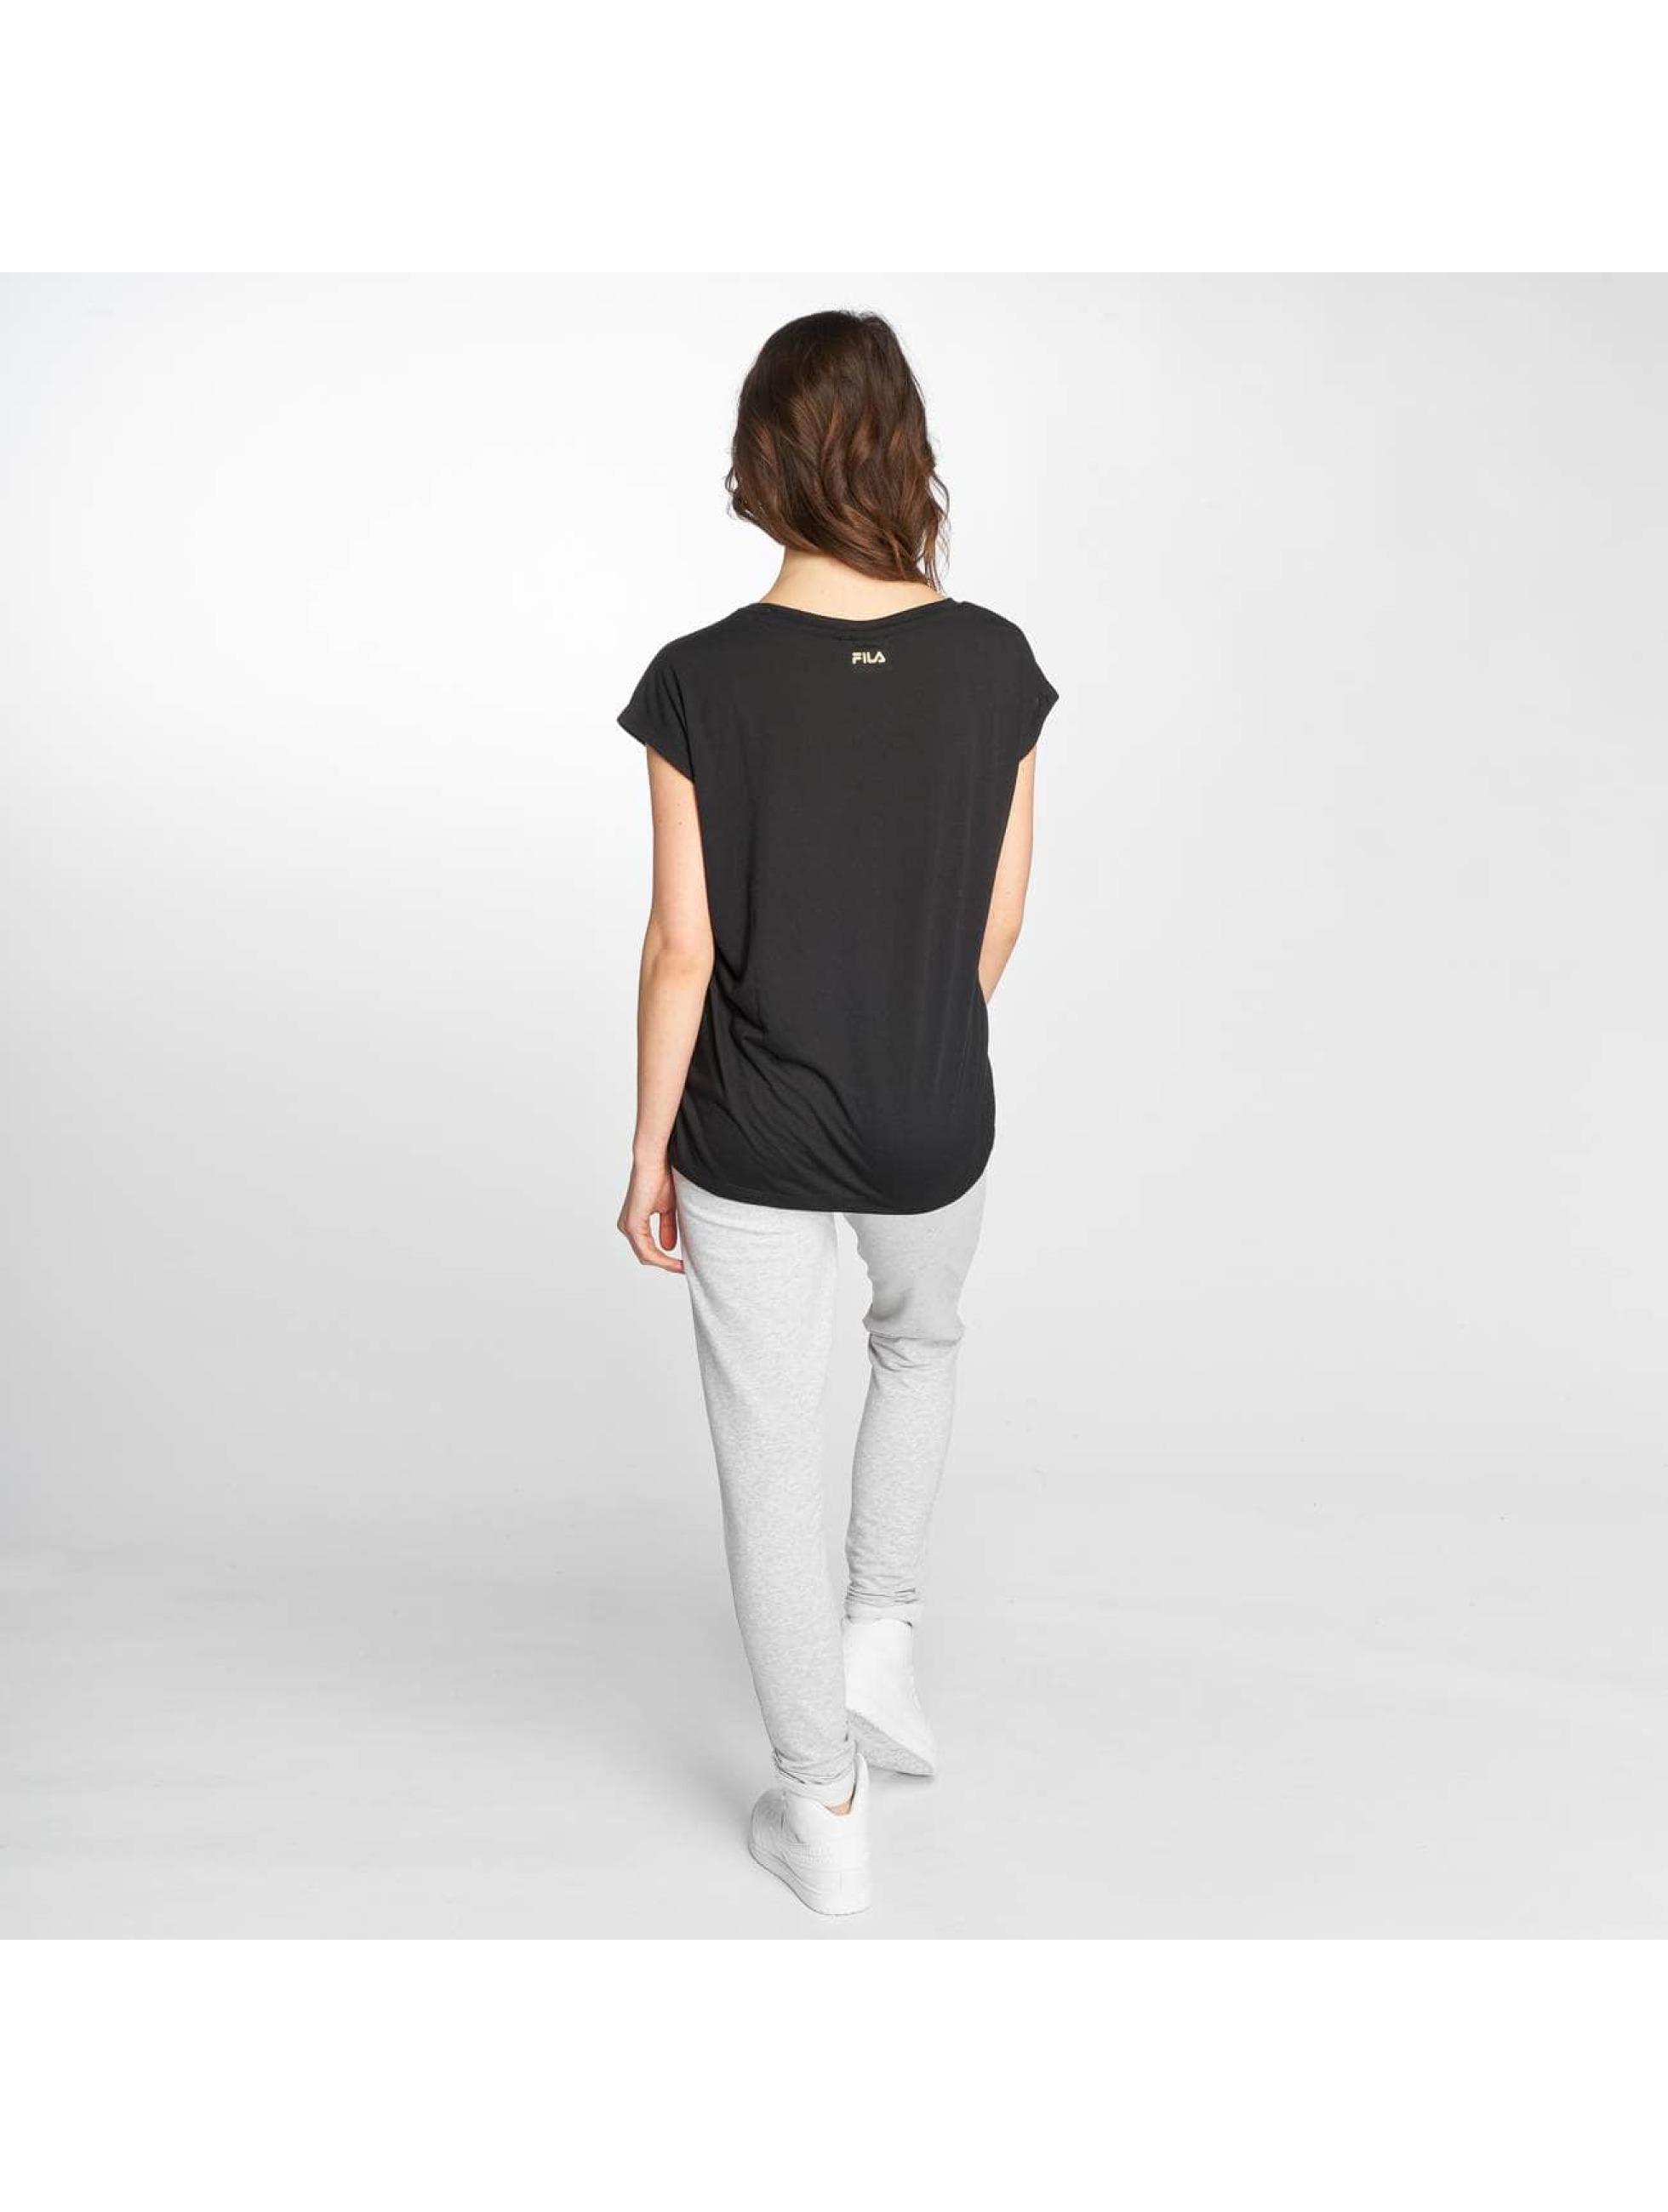 FILA T-Shirt Tall Sora black